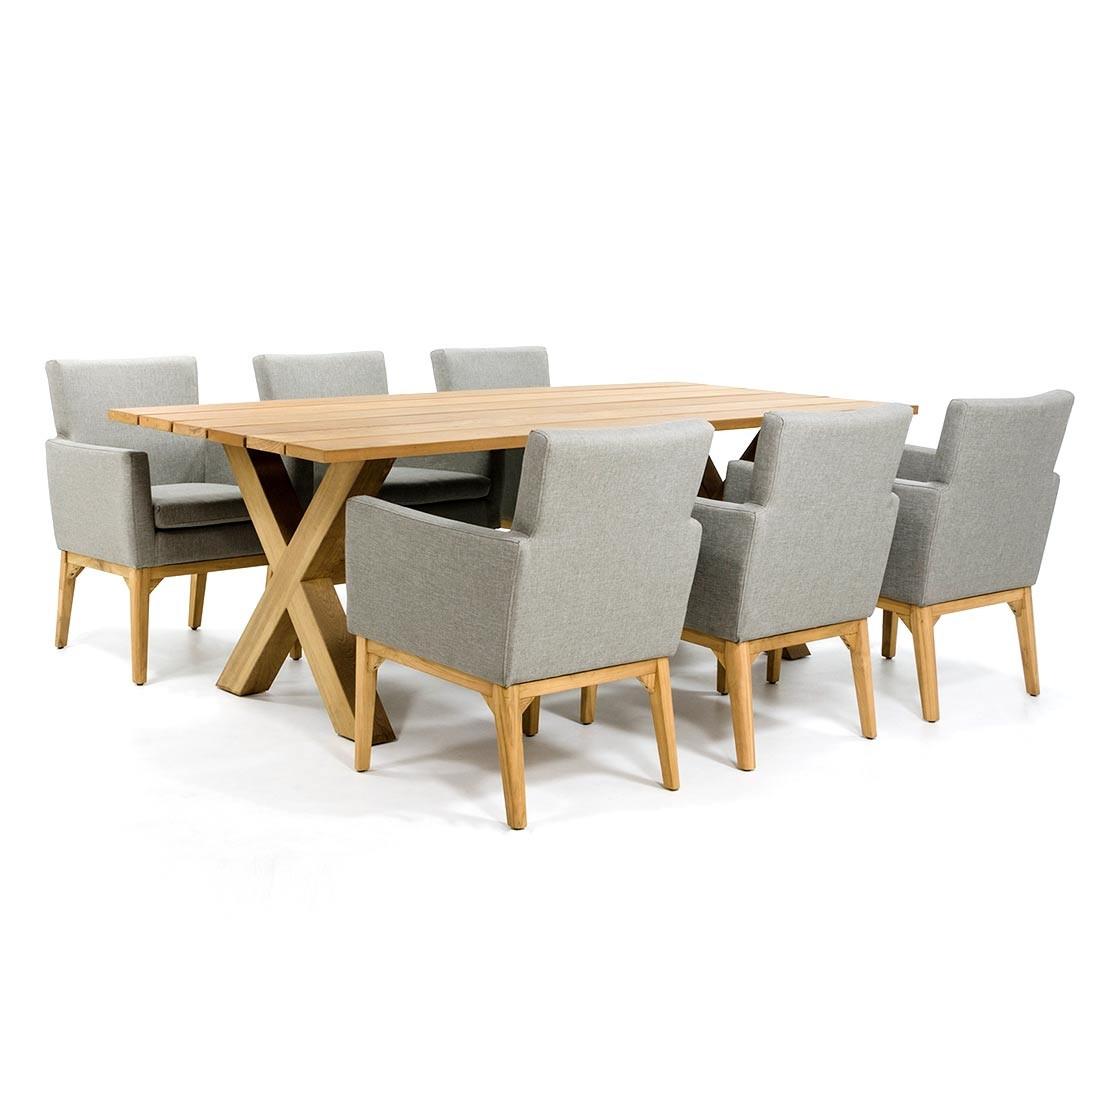 Holzgartentisch mit Kreuz Basis und luxuriösen Stühlen